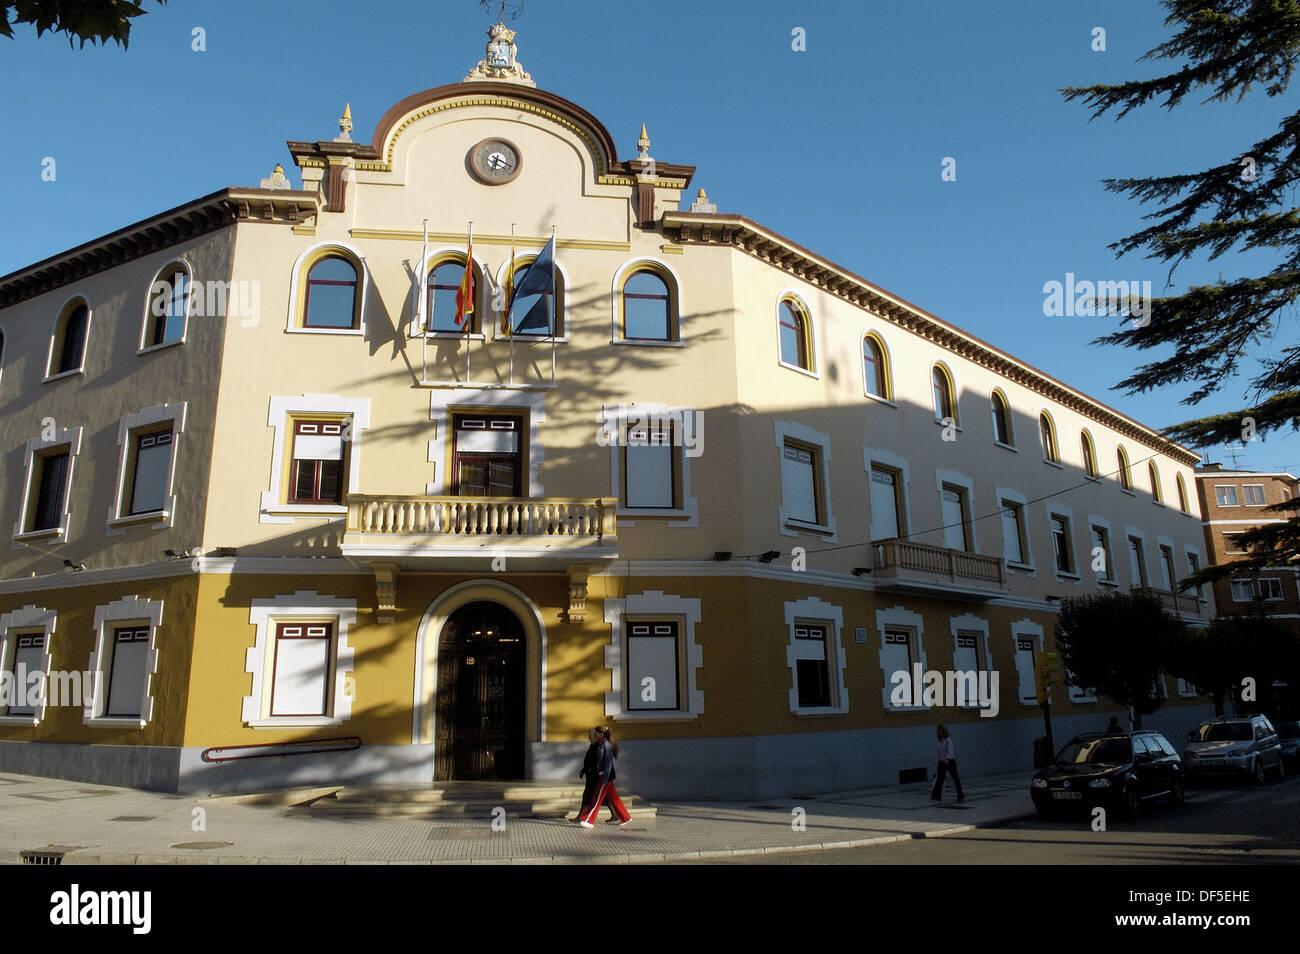 Resultado de imagen de imagenes deL  PUEBLO  ZARAGOZANO  DE   EJEA  DE  LOS  CABALLEROS